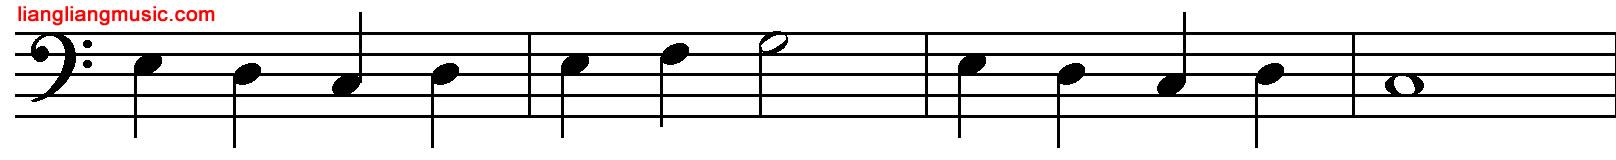 刚刚开始学五线谱